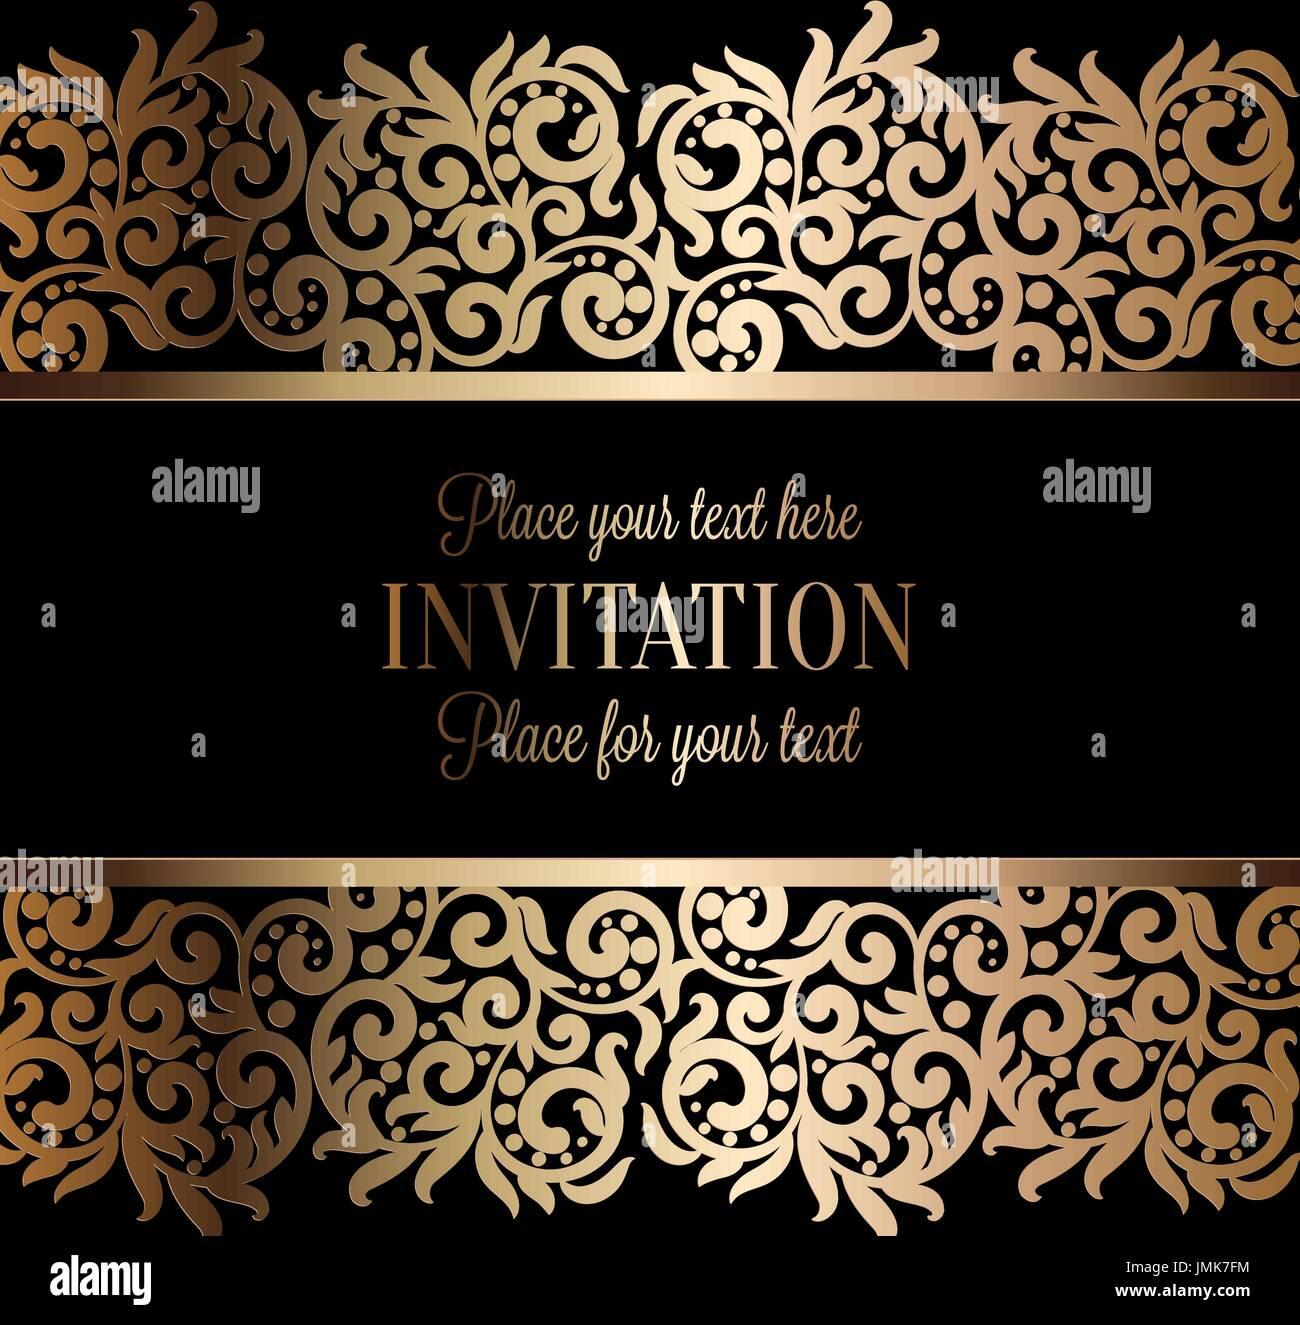 https www alamyimages fr baroque antique d invitation de mariage de luxe de l or sur fond noir avec cadre et la place pour le texte lacy feuillage avec gradient de brillant image150399080 html